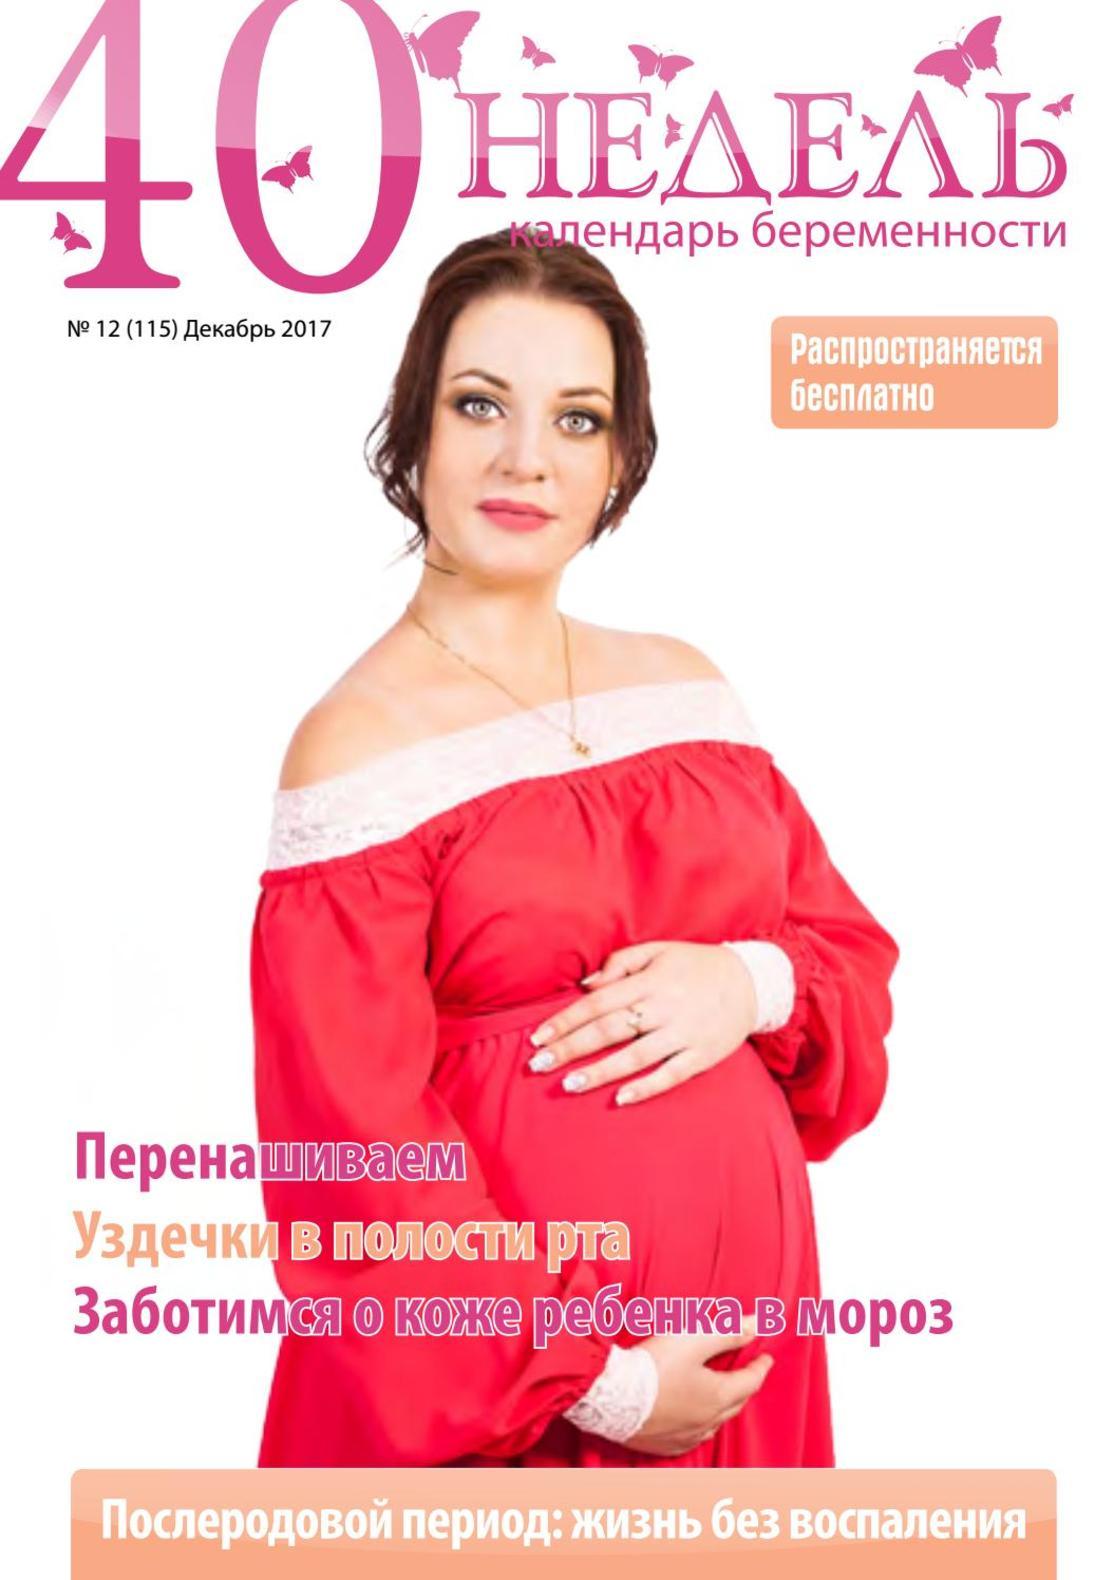 Позы лпя секса для беременных